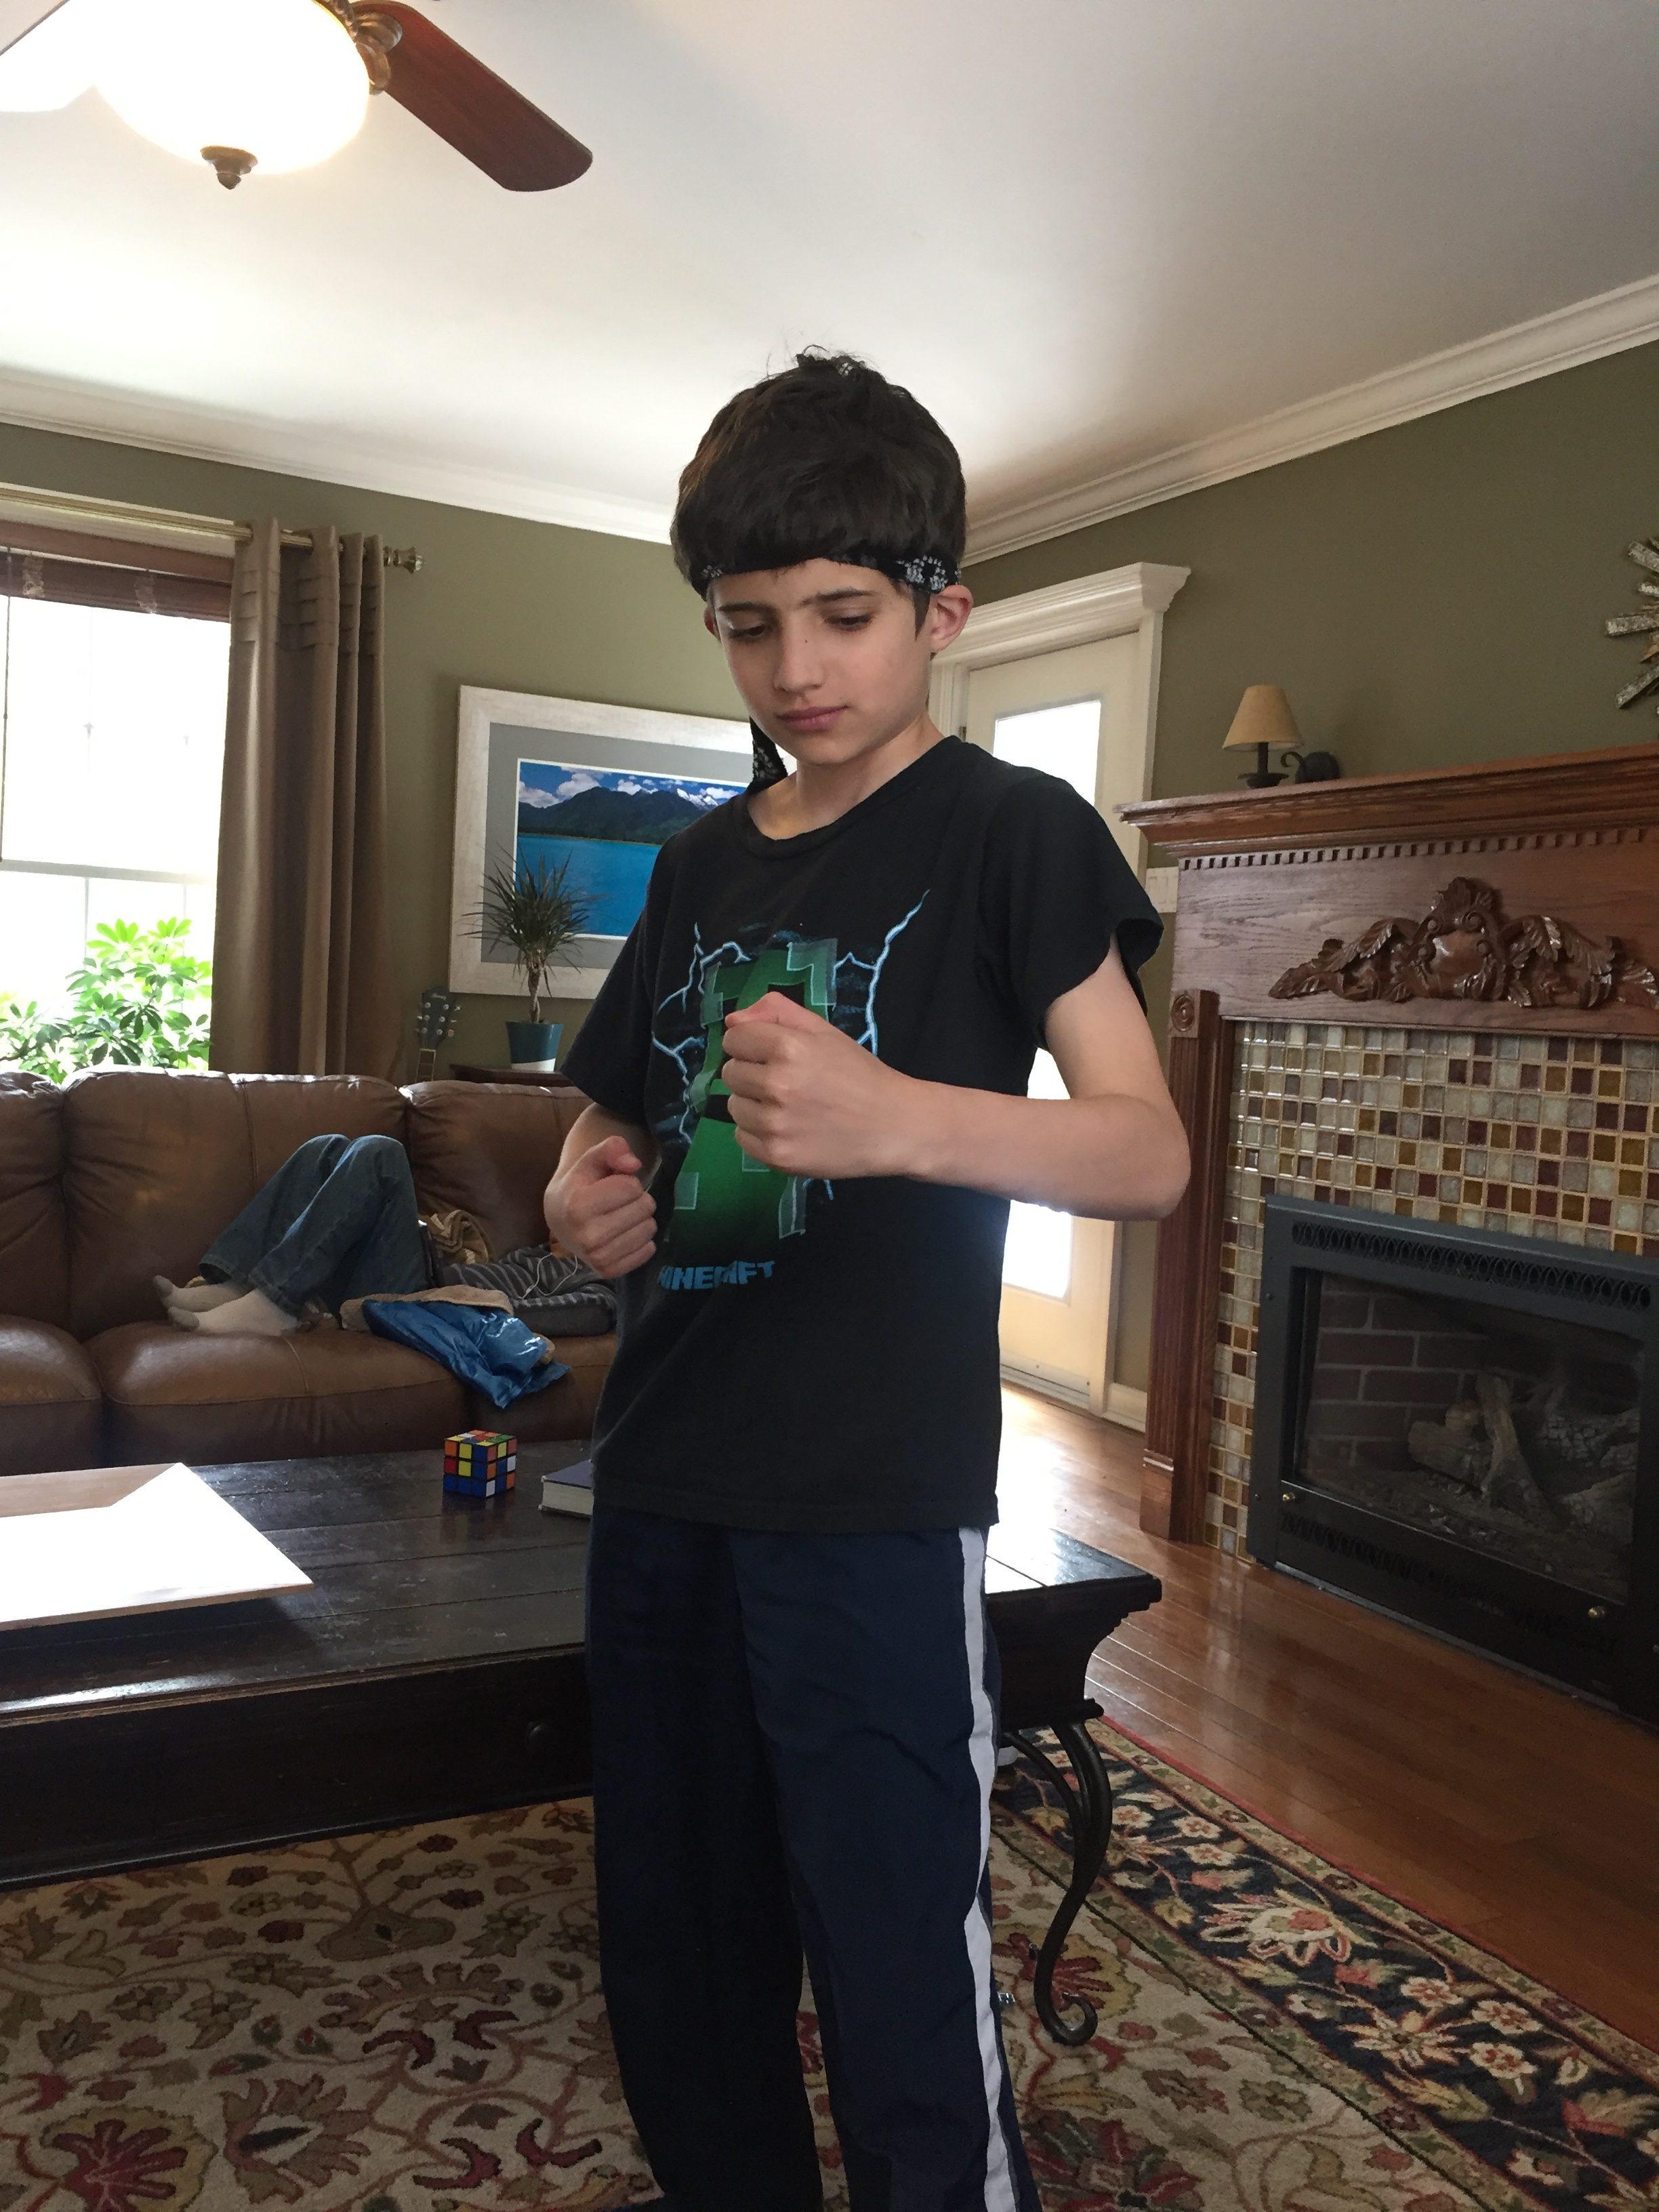 Karate kid www.thethreeyearexperiment.com